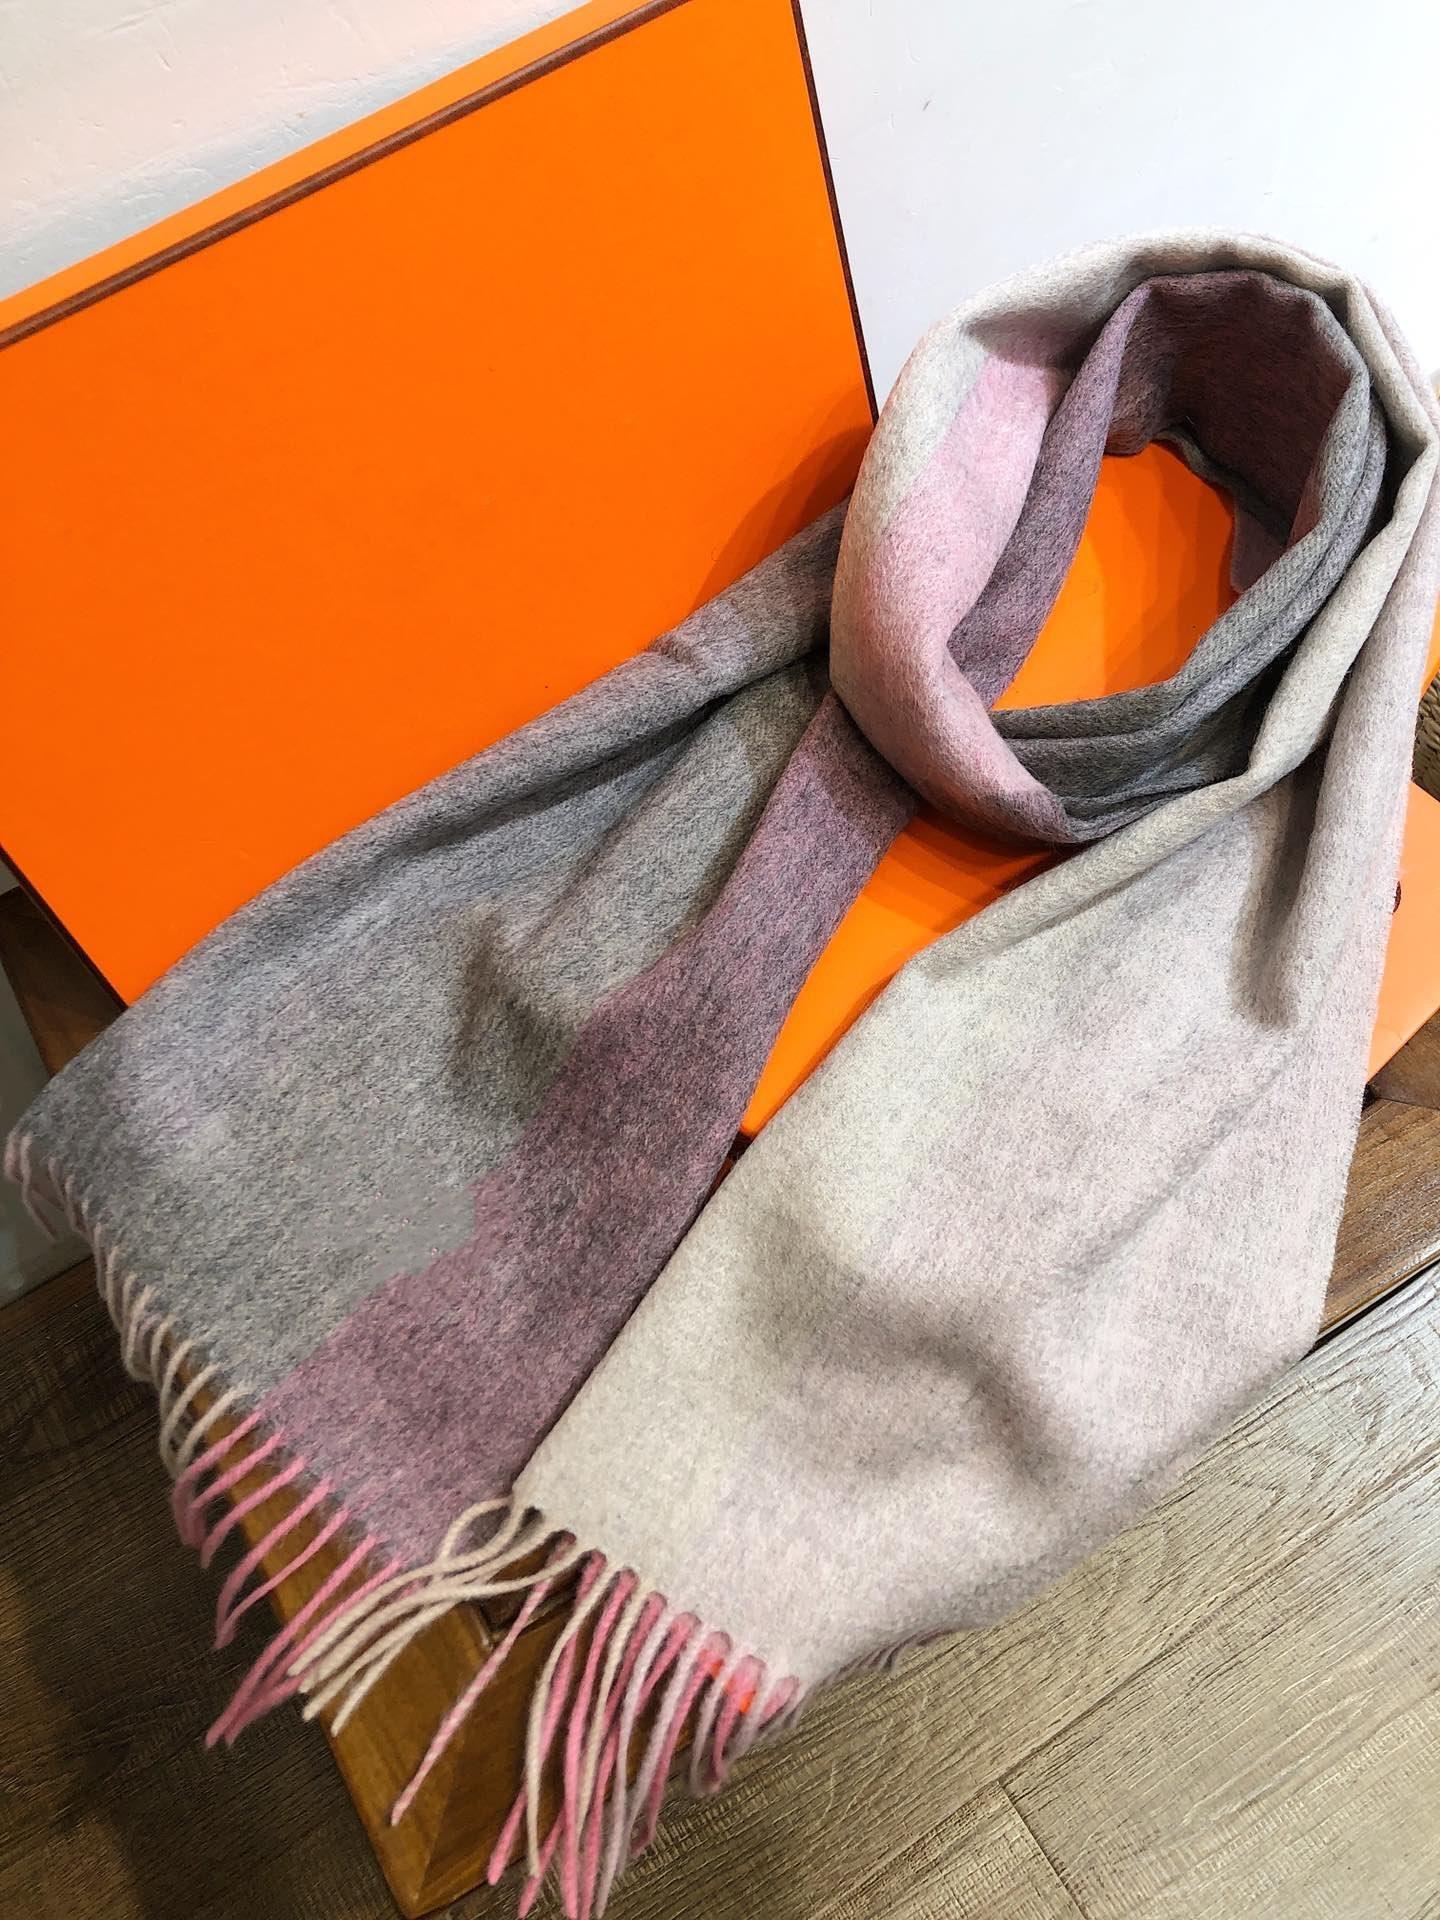 Новый шарф моды для мужчин и женщин в 2020 зимой баранине волос теплового шарф баранины волосы оптовых 180x32cm